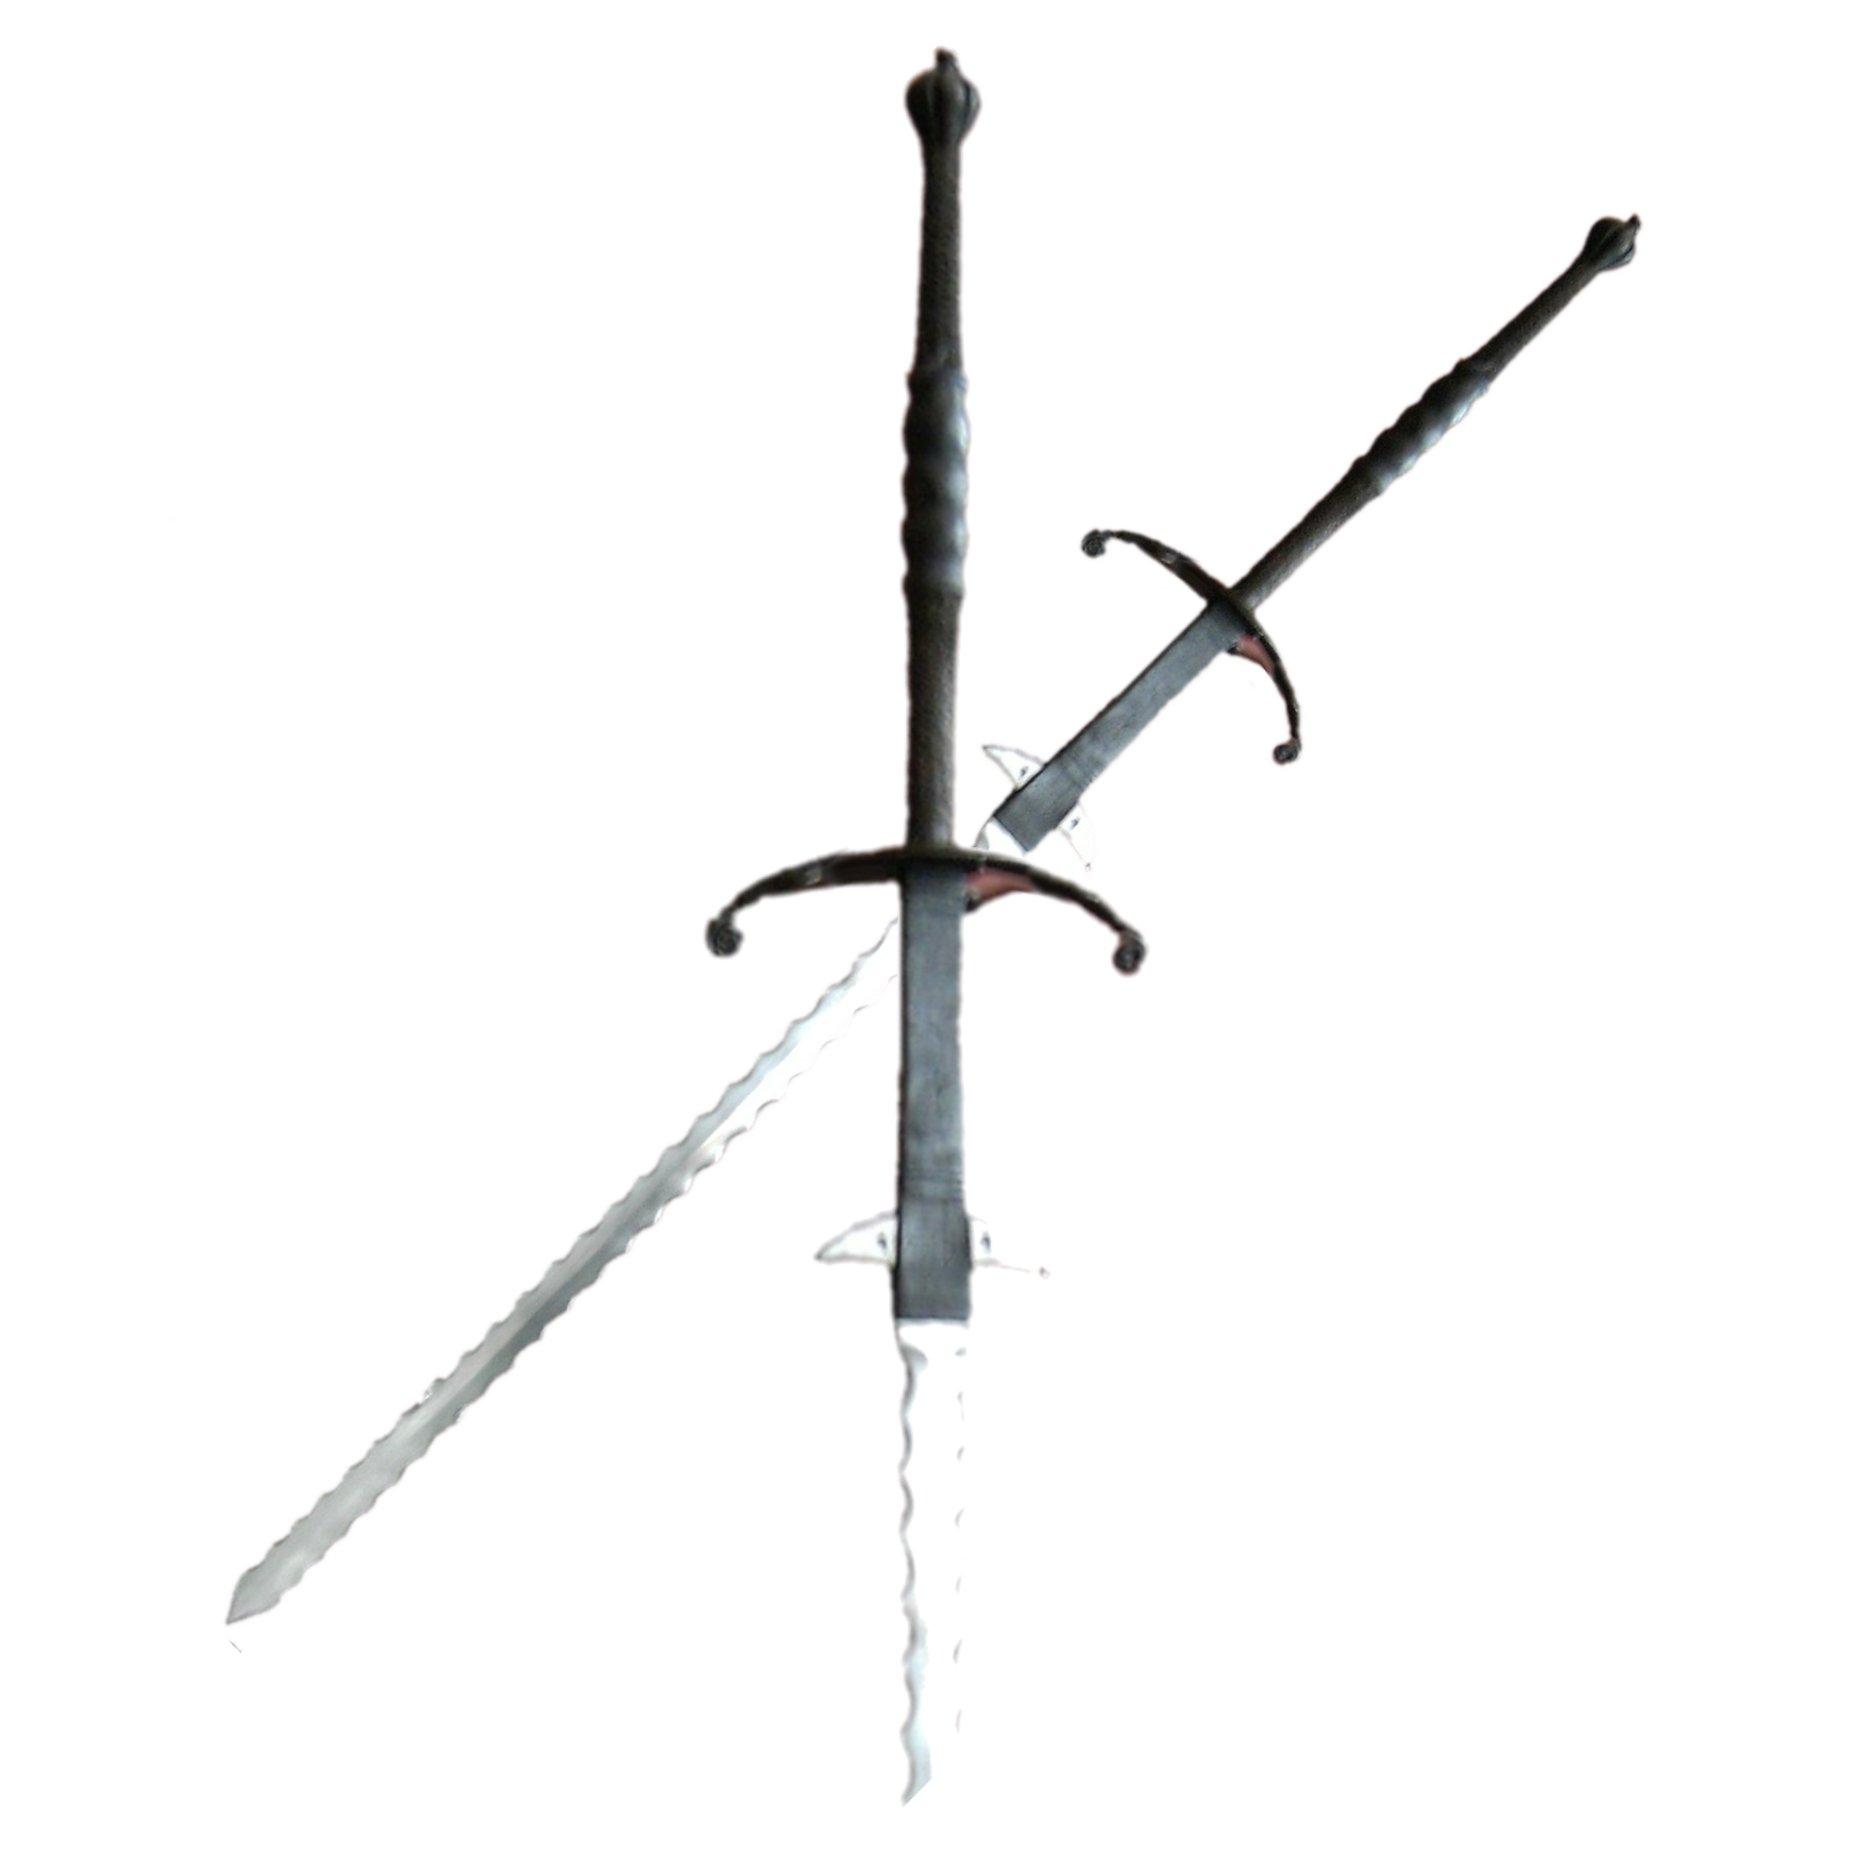 Dresden-Zwinger-Armoury-Sword.04.JPG